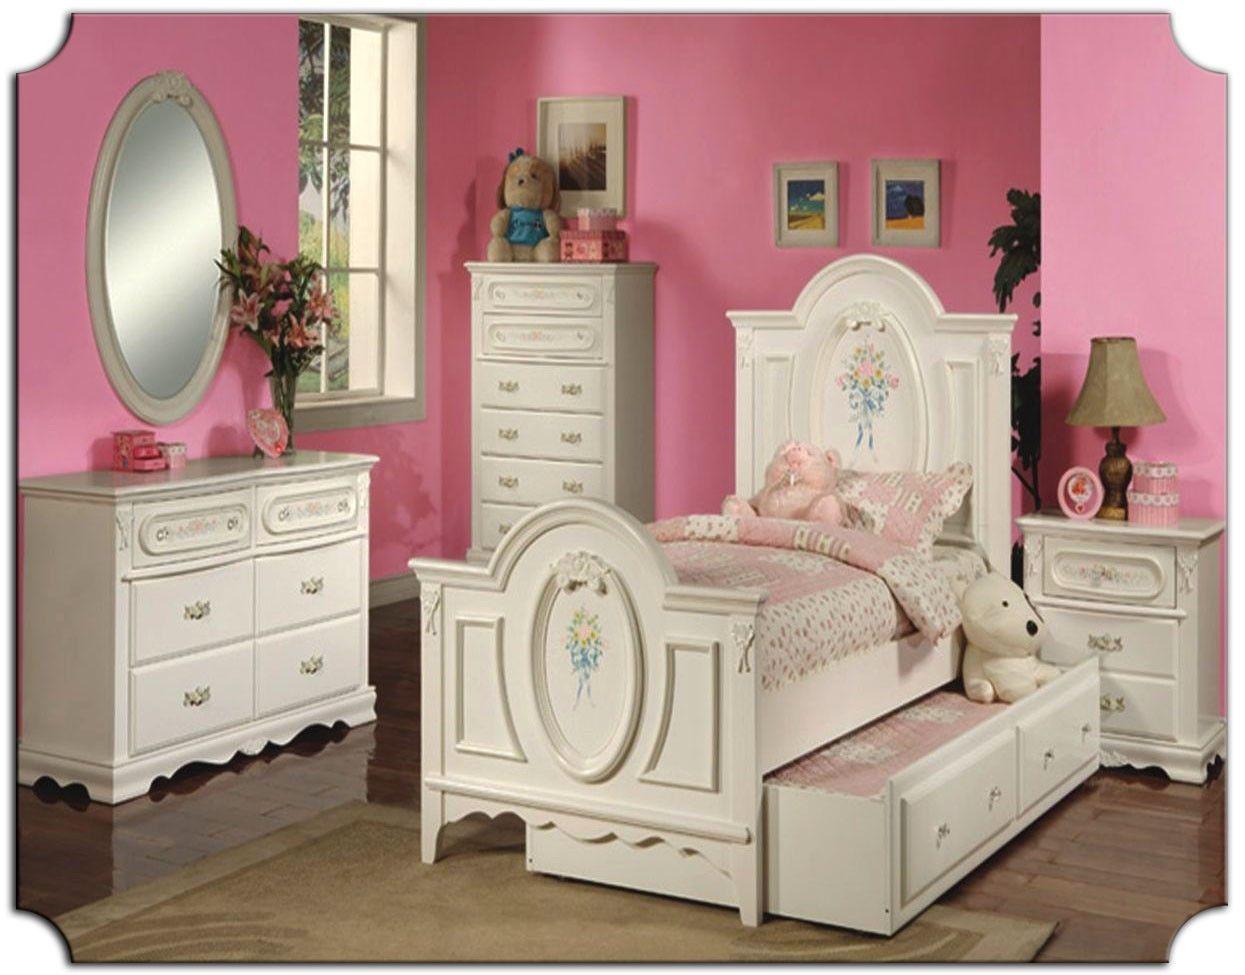 bedroom sets interior design master bedroom on Cheap Childrens Bedroom Furniture Sets id=23762